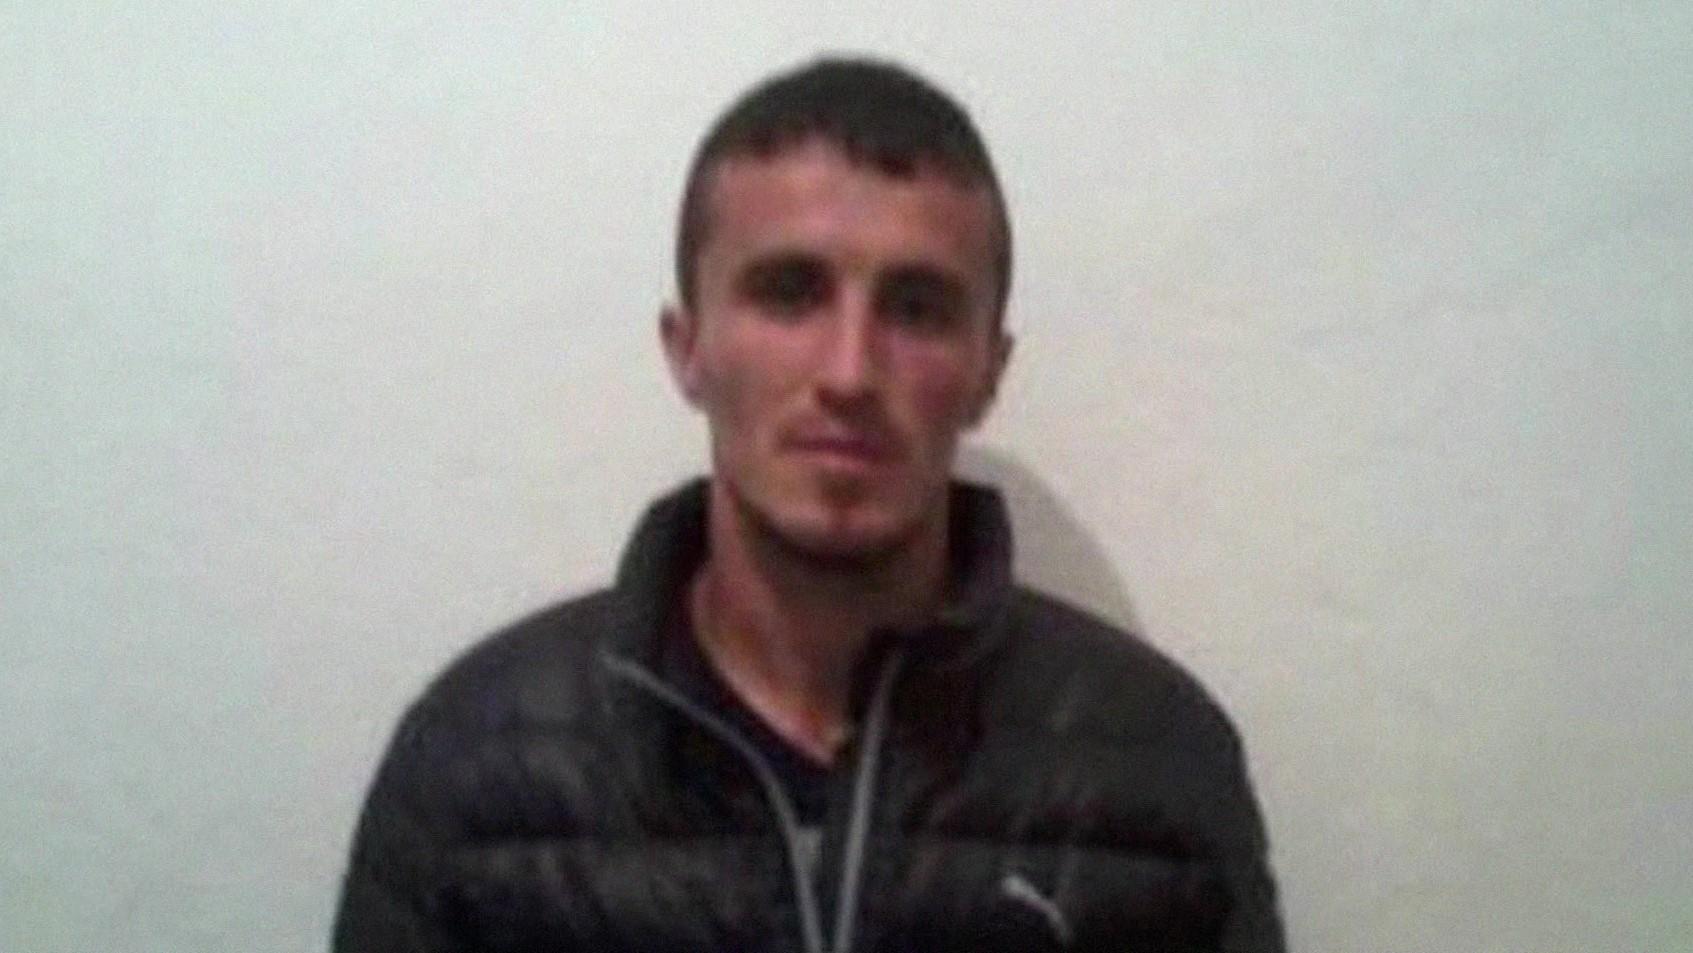 Qëllohet me armë ndaj një mjeti në Bulqizë